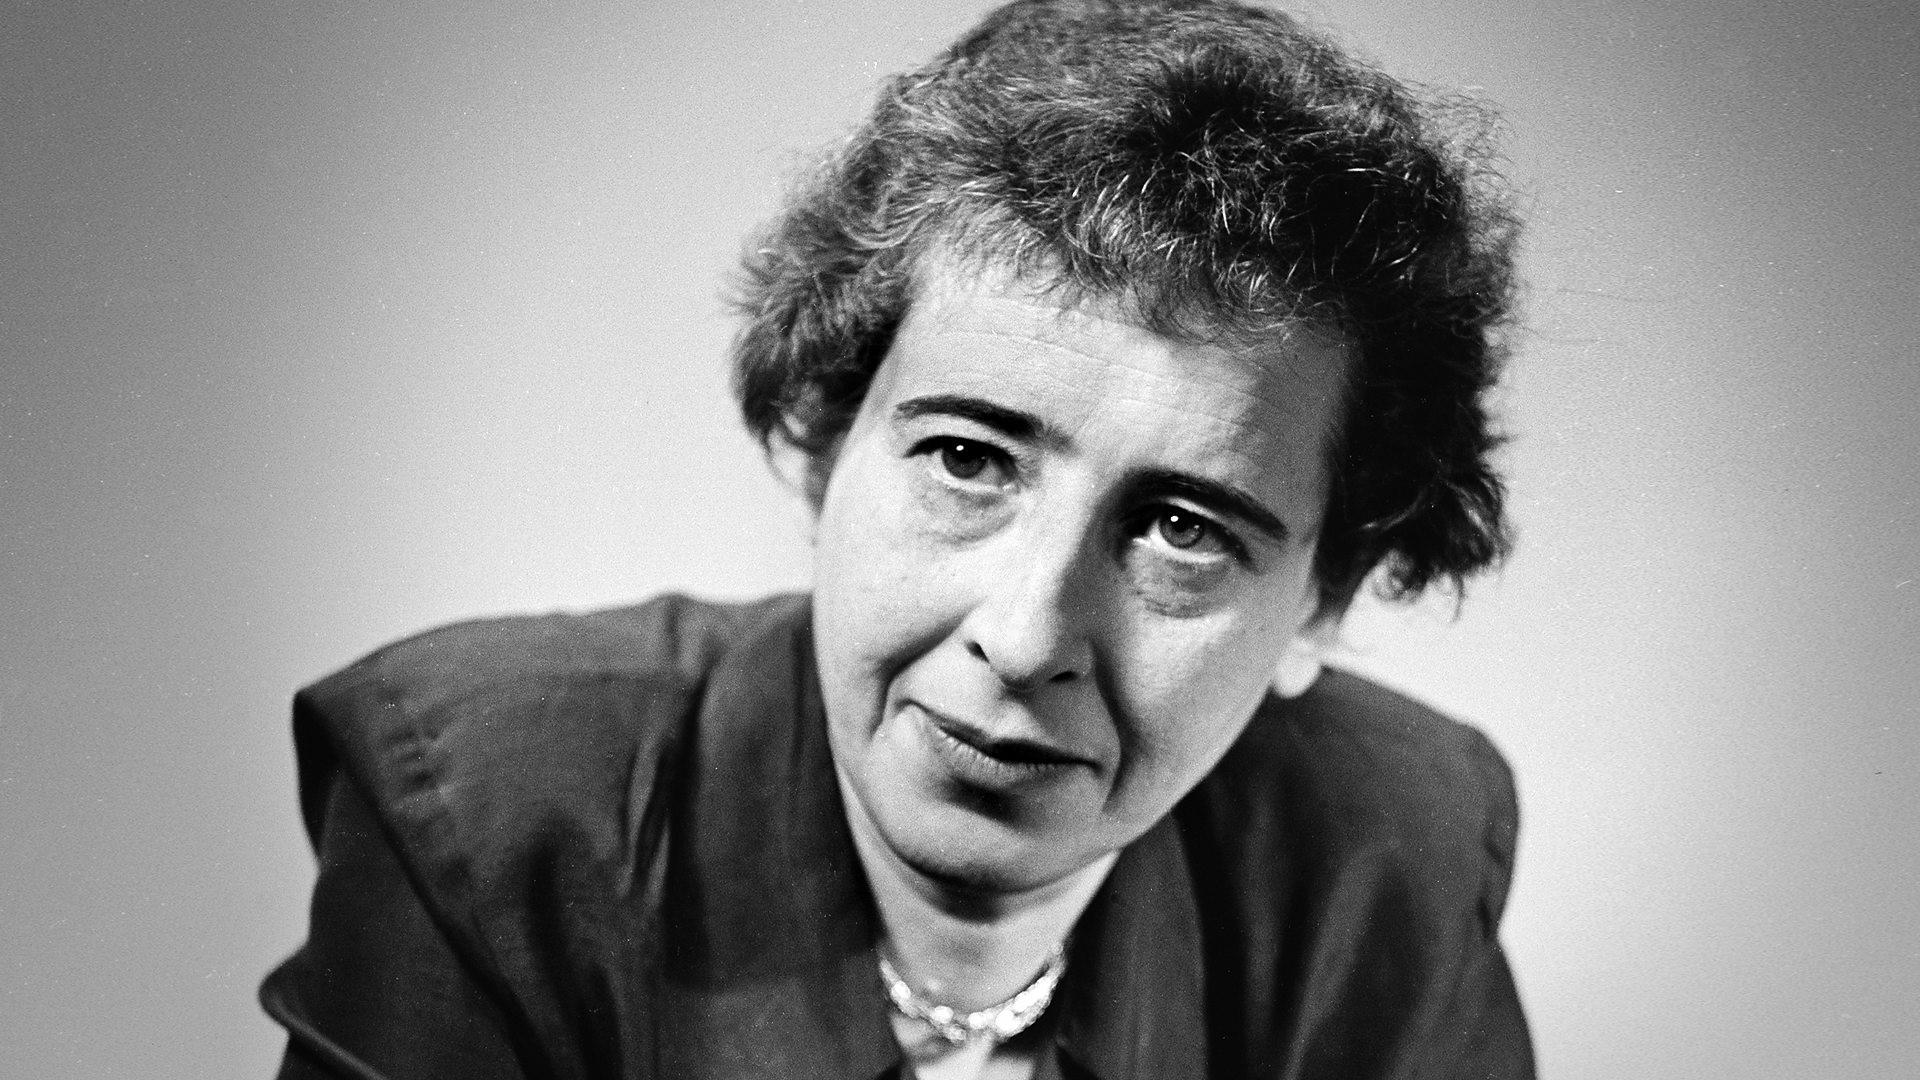 Biografia de Hannah Arendt relata a vida e as ideias de uma das intelectuais mais influentes do século 20